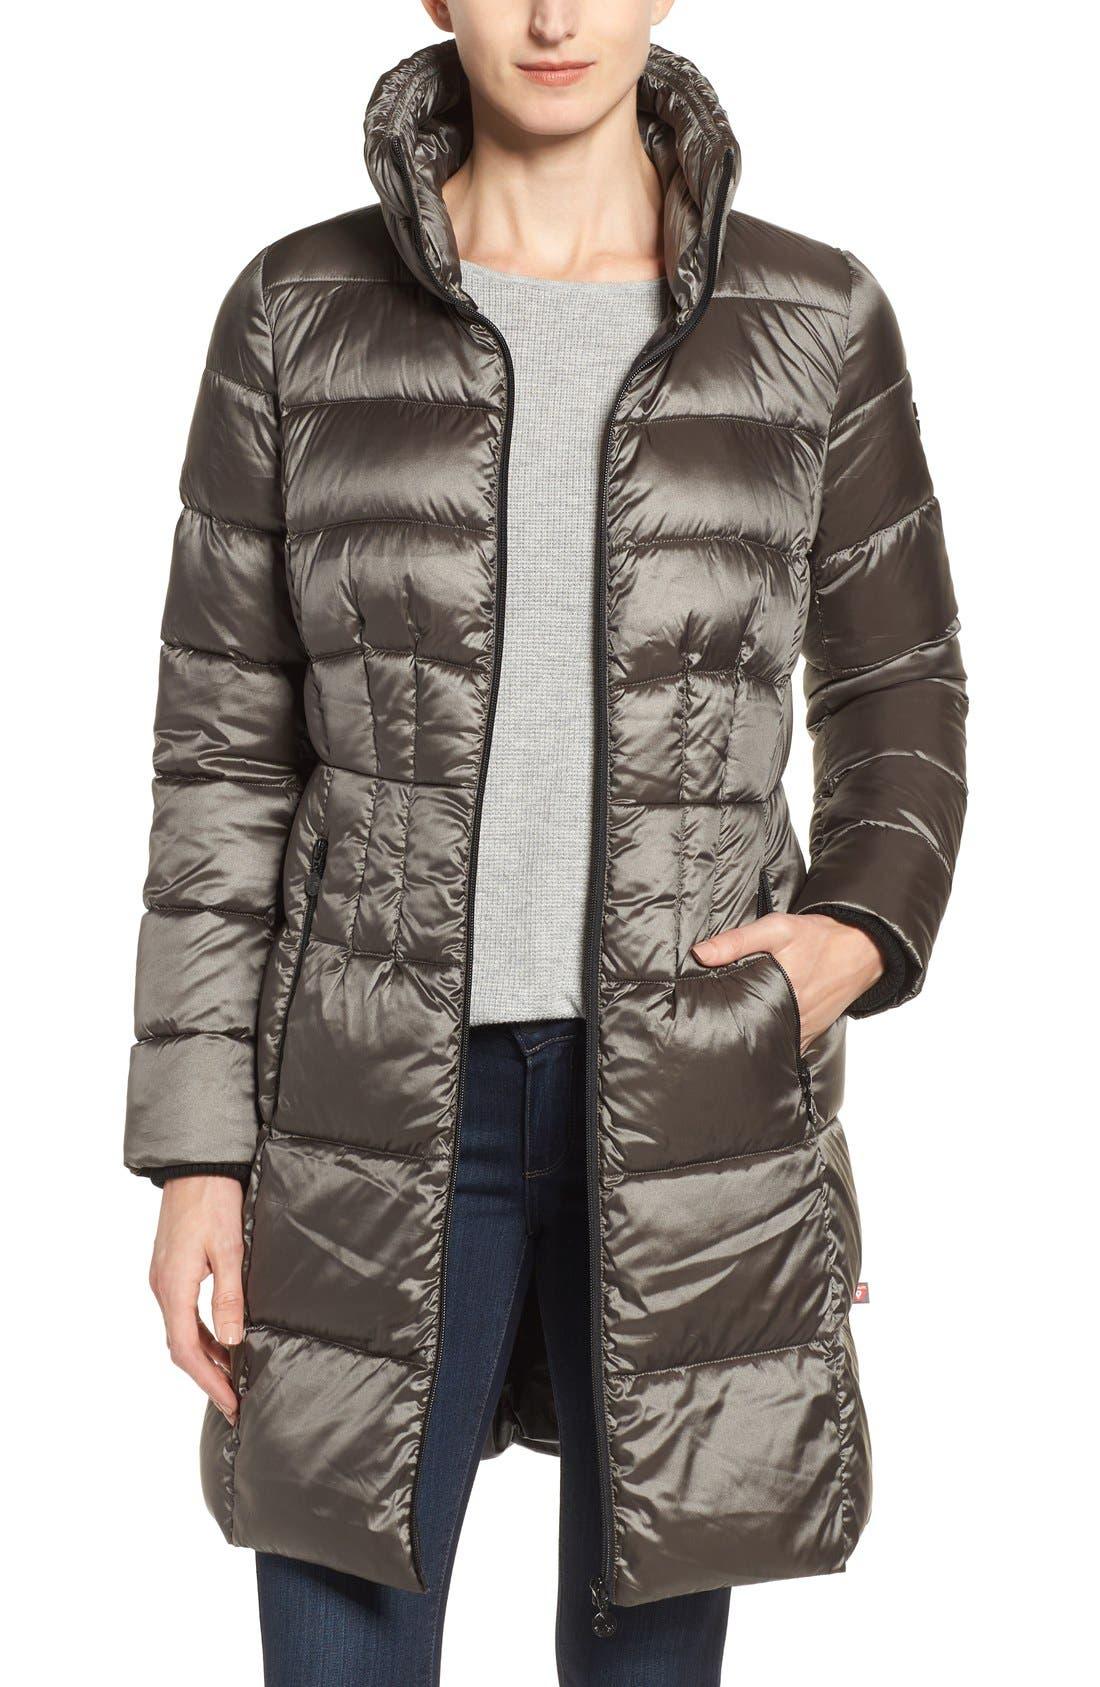 Alternate Image 1 Selected - Bernardo Packable Coat with Down & PrimaLoft® Fill (Regular & Petite)